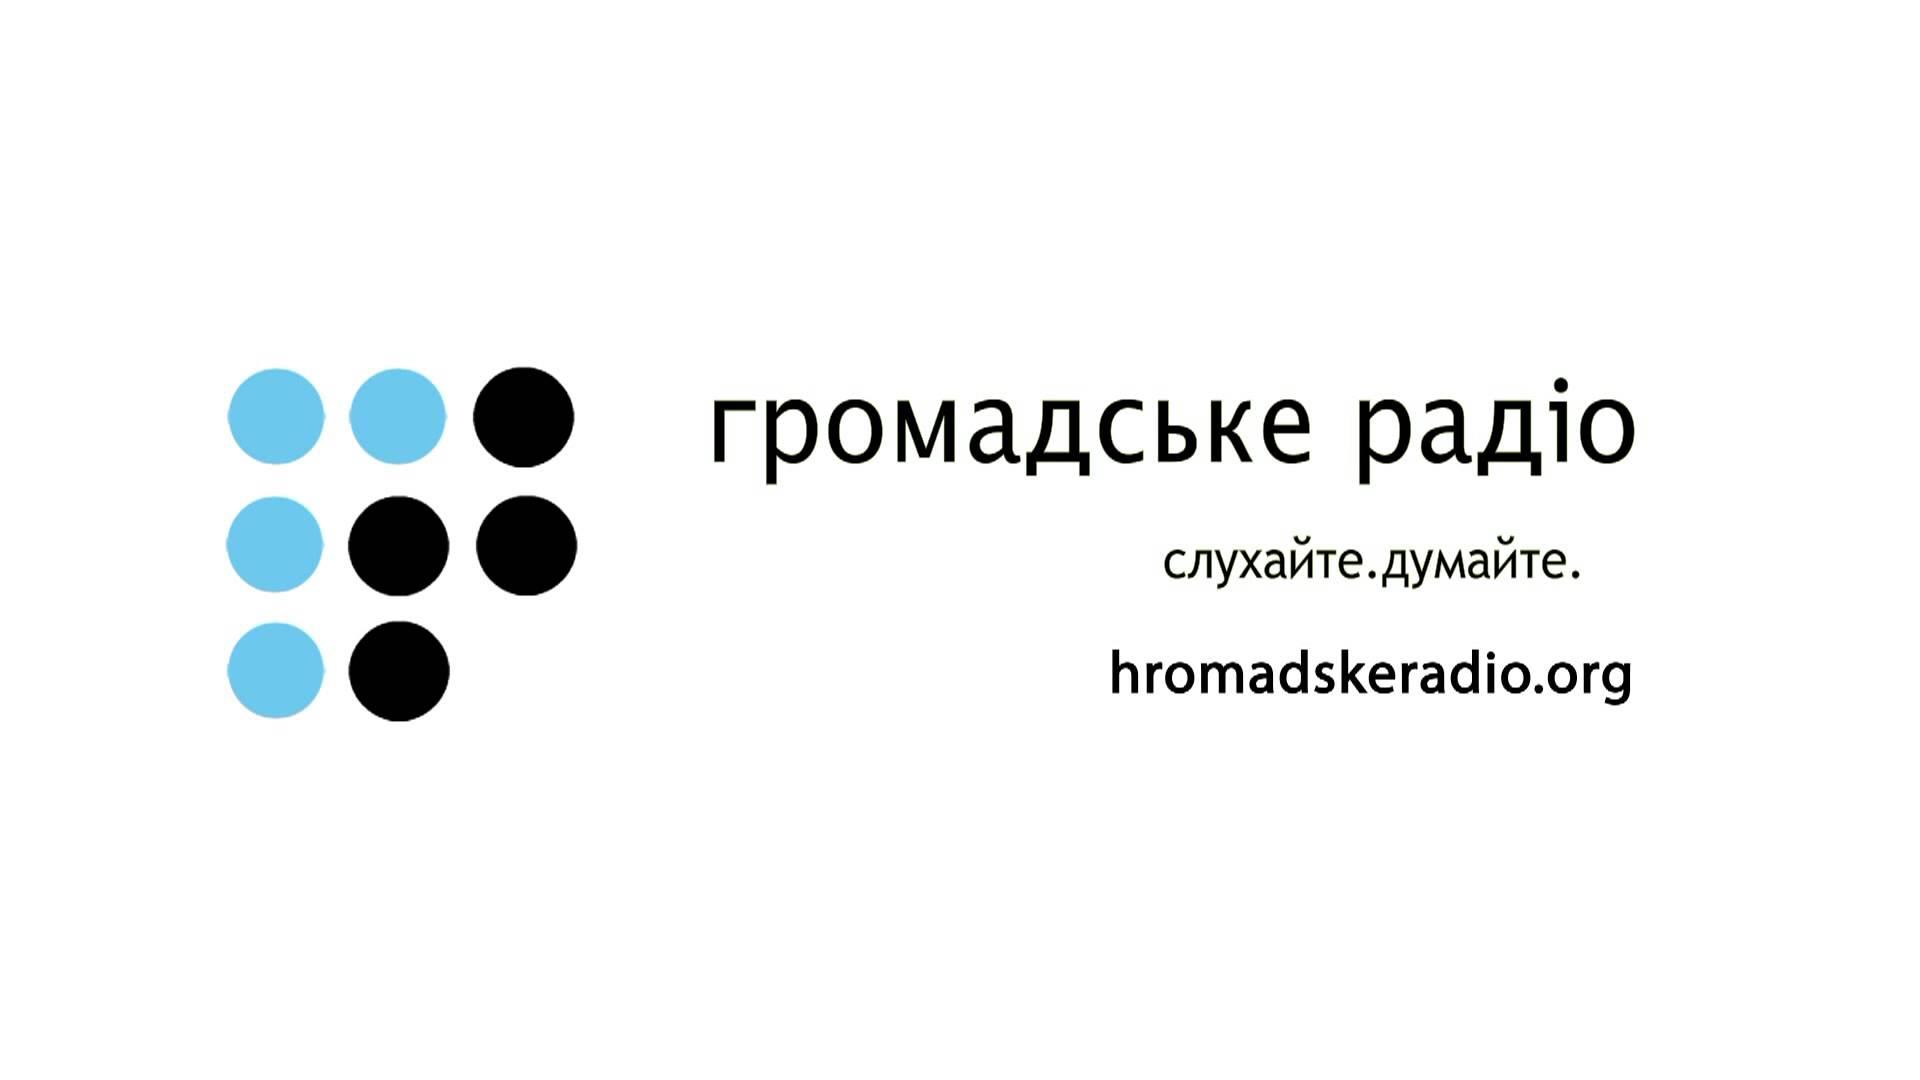 «Громадське радіо» вибачилося перед слухачами за появу в ефірі Петра Симоненка – заява